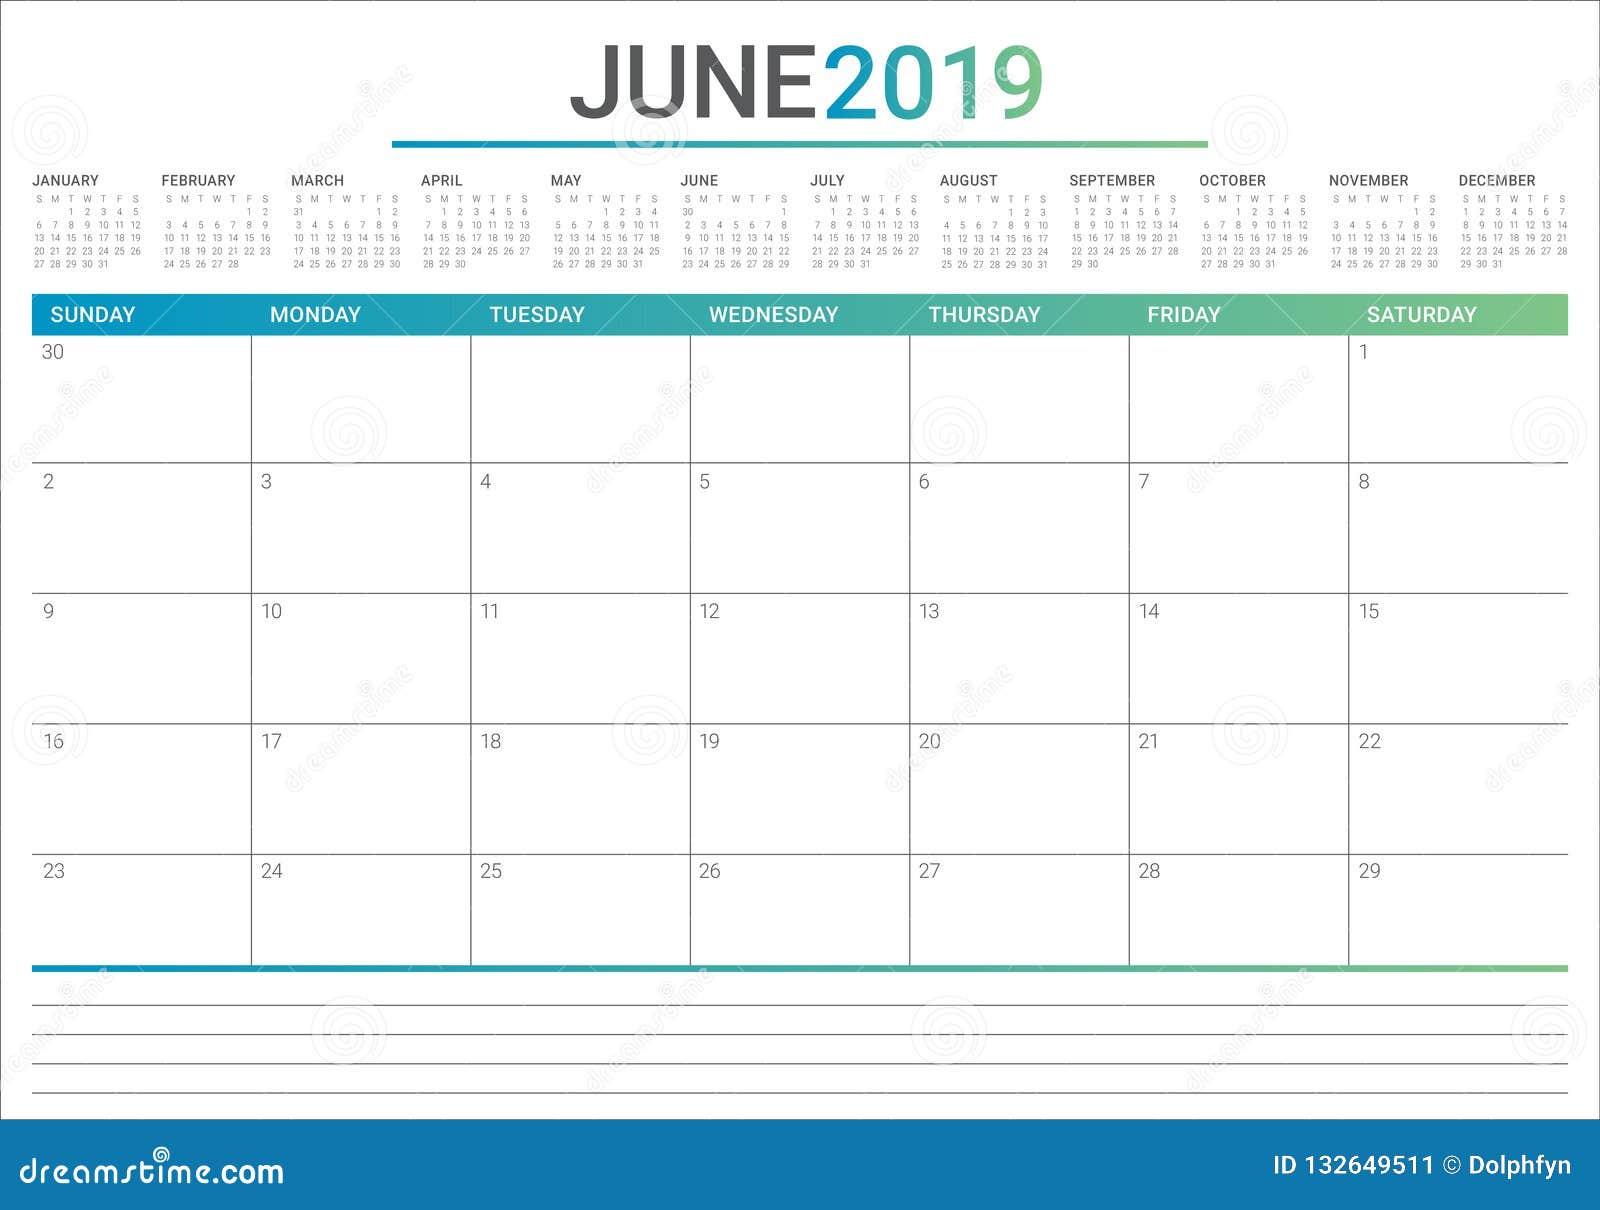 Calendario Di Giugno.Giugno 2019 Illustrazione Di Vettore Del Calendario Da